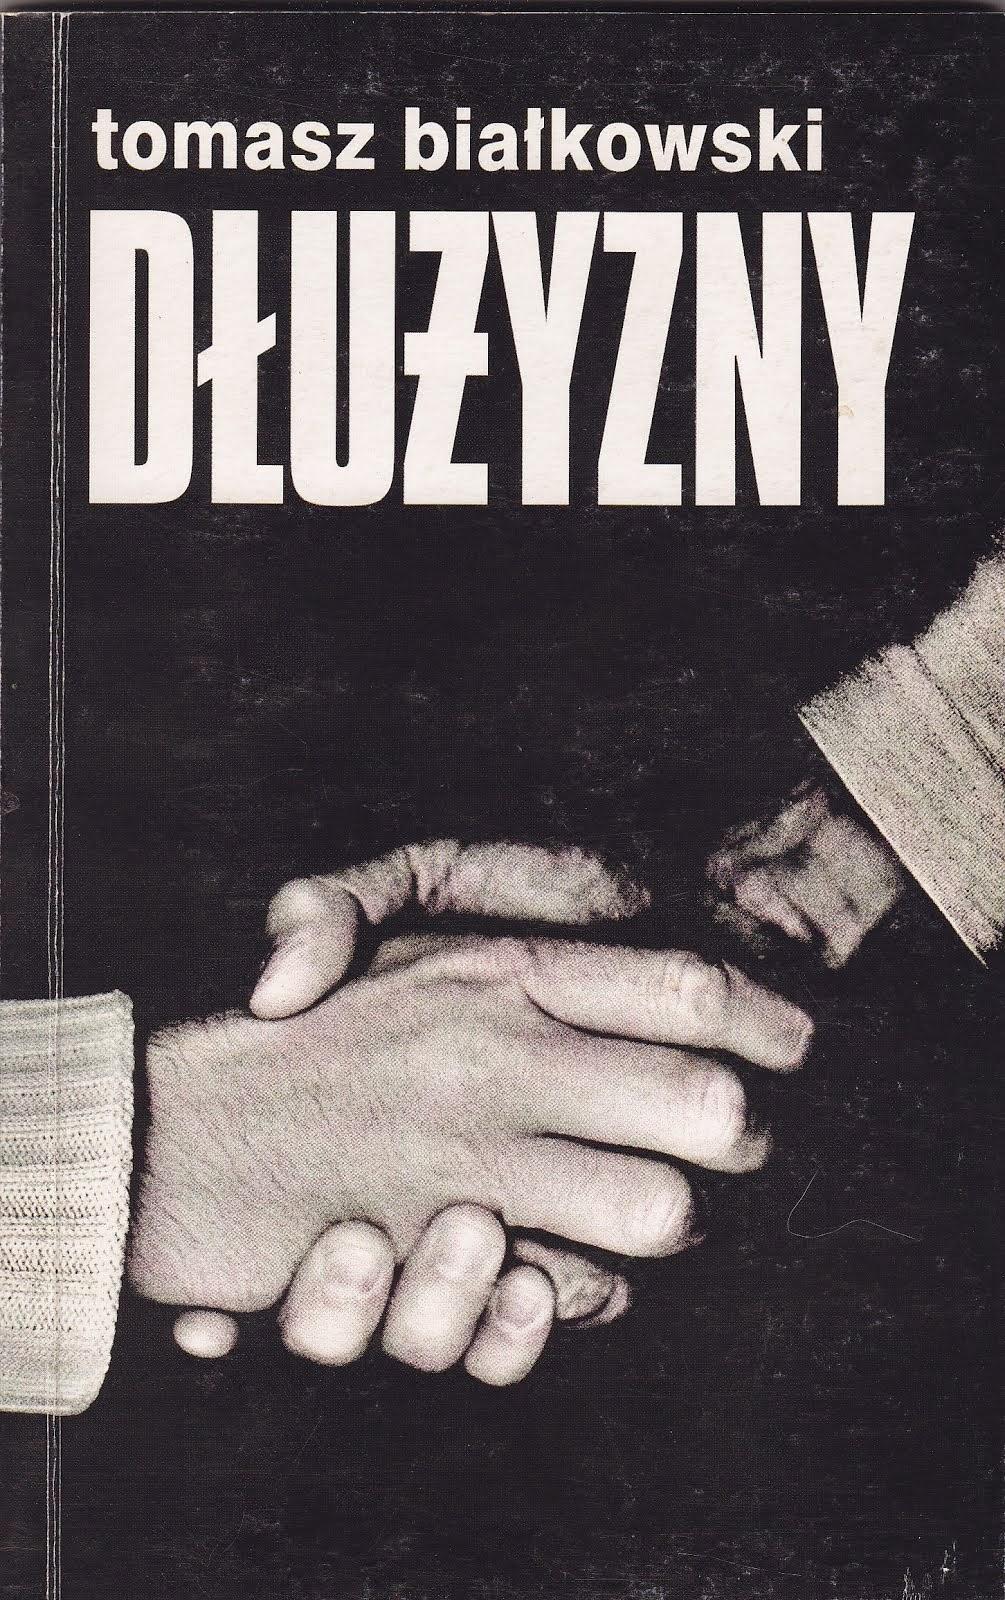 Dłużyzny (2005)